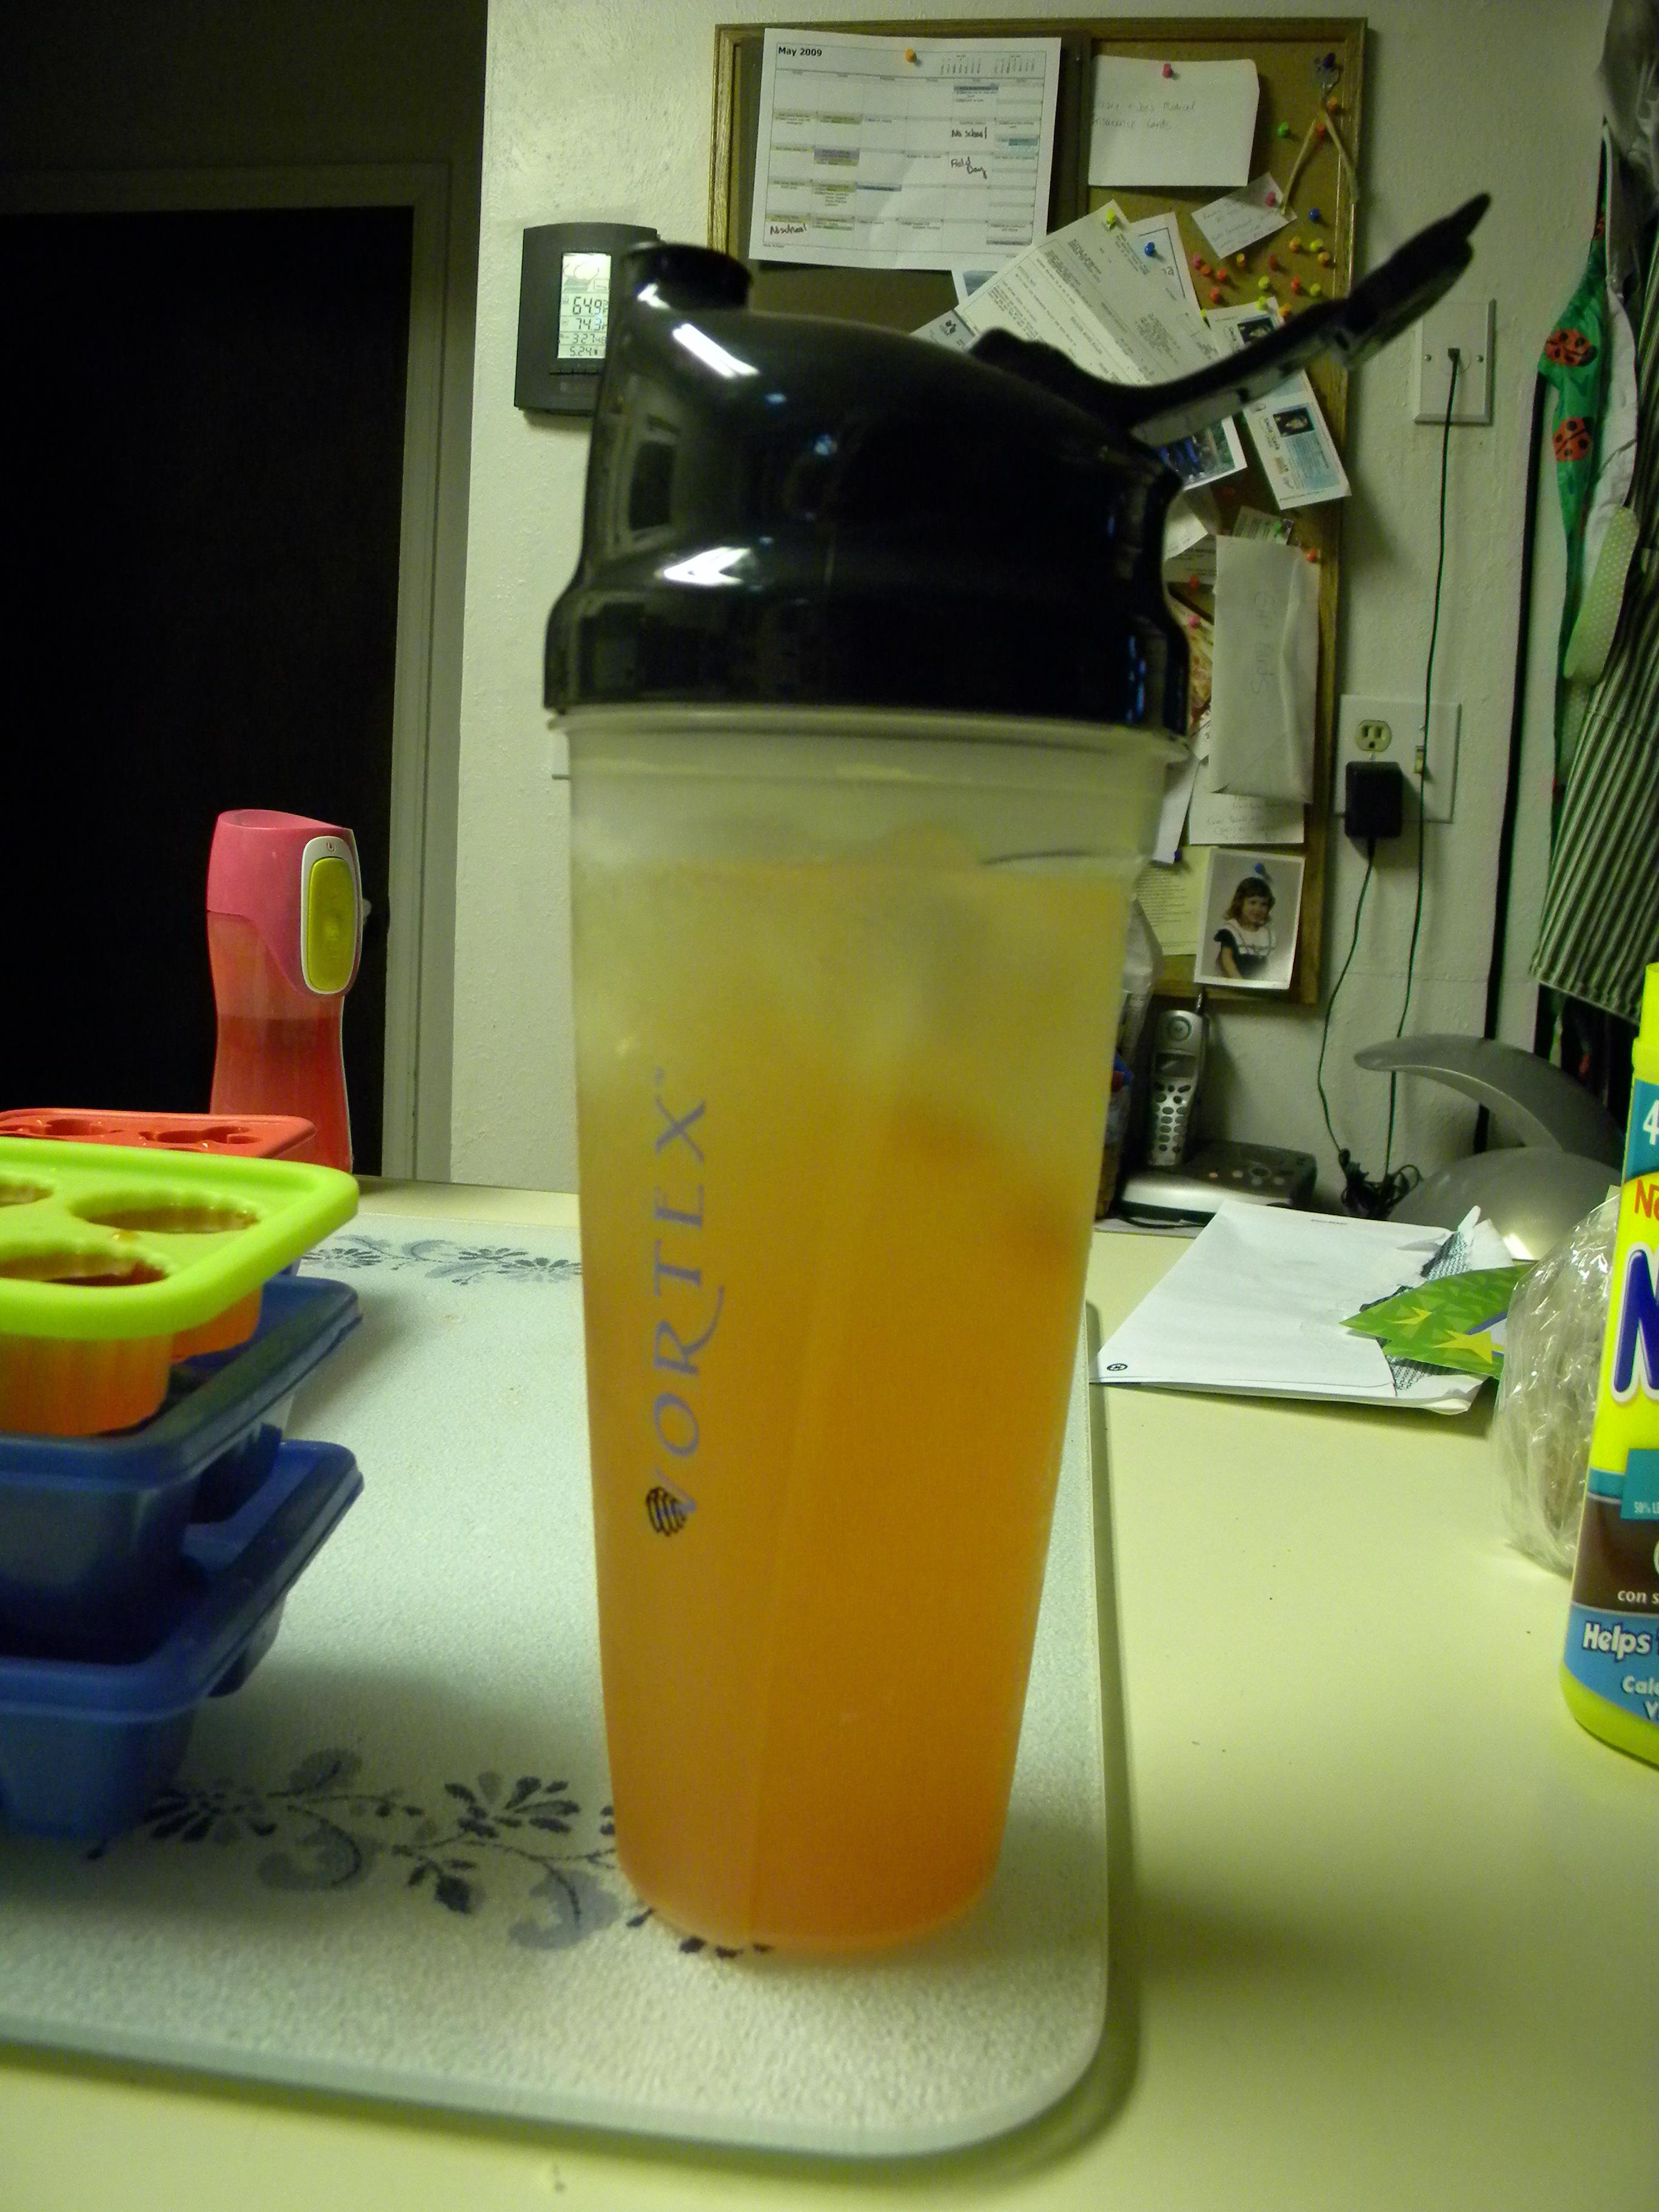 Mmmm.  Juicy water.